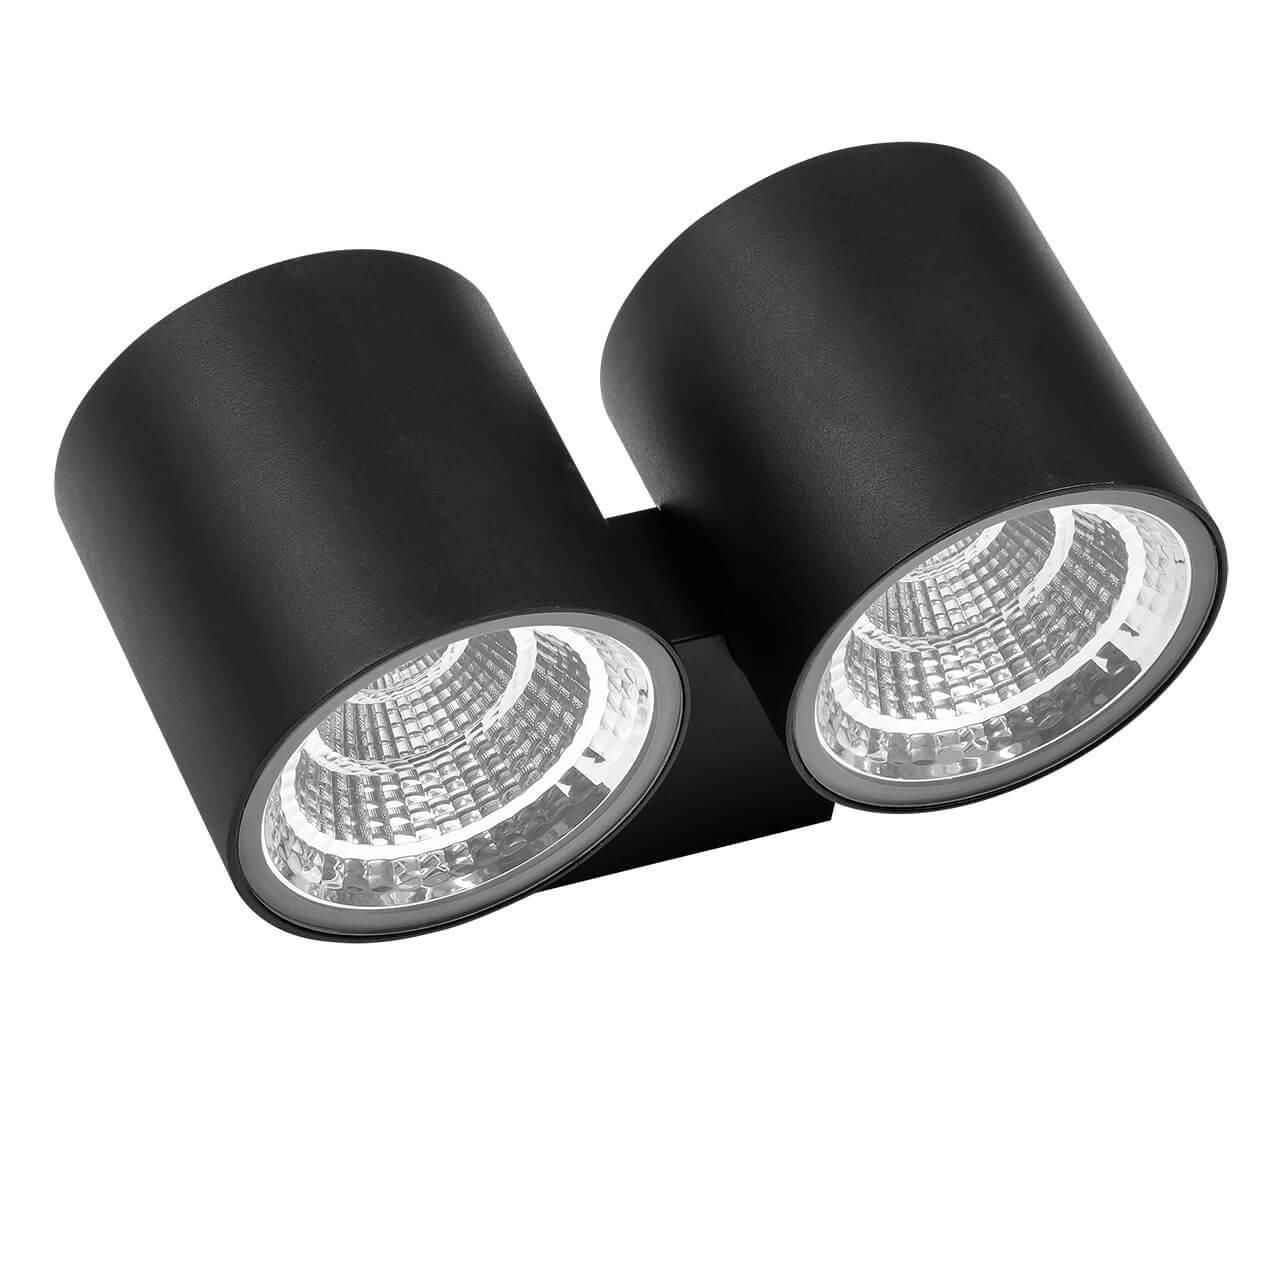 Уличный светильник Lightstar 362672, черный уличный настенный светодиодный светильник lightstar paro 362672